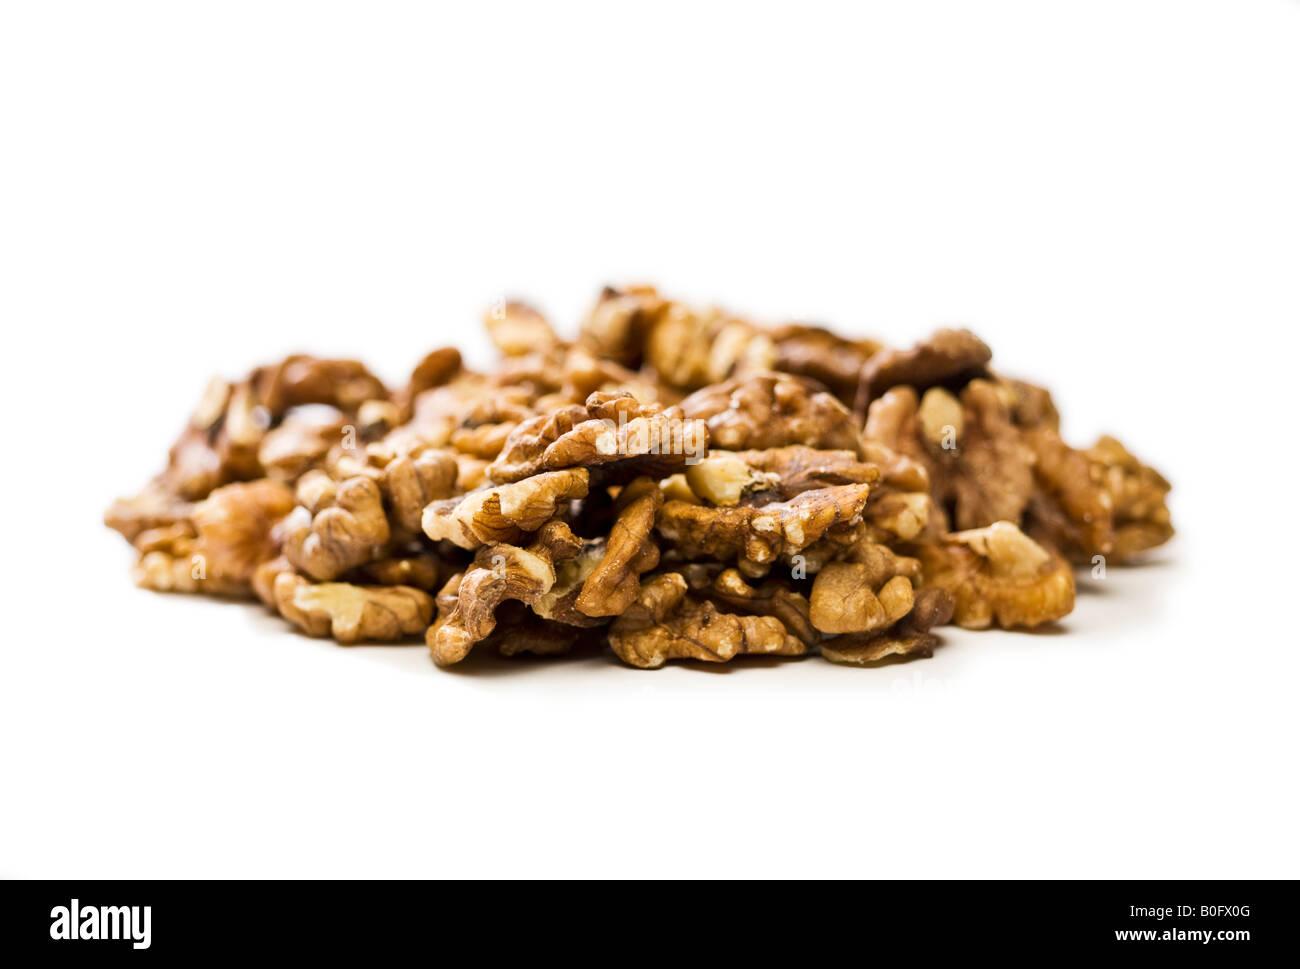 Pile of Walnut kernels - Stock Image